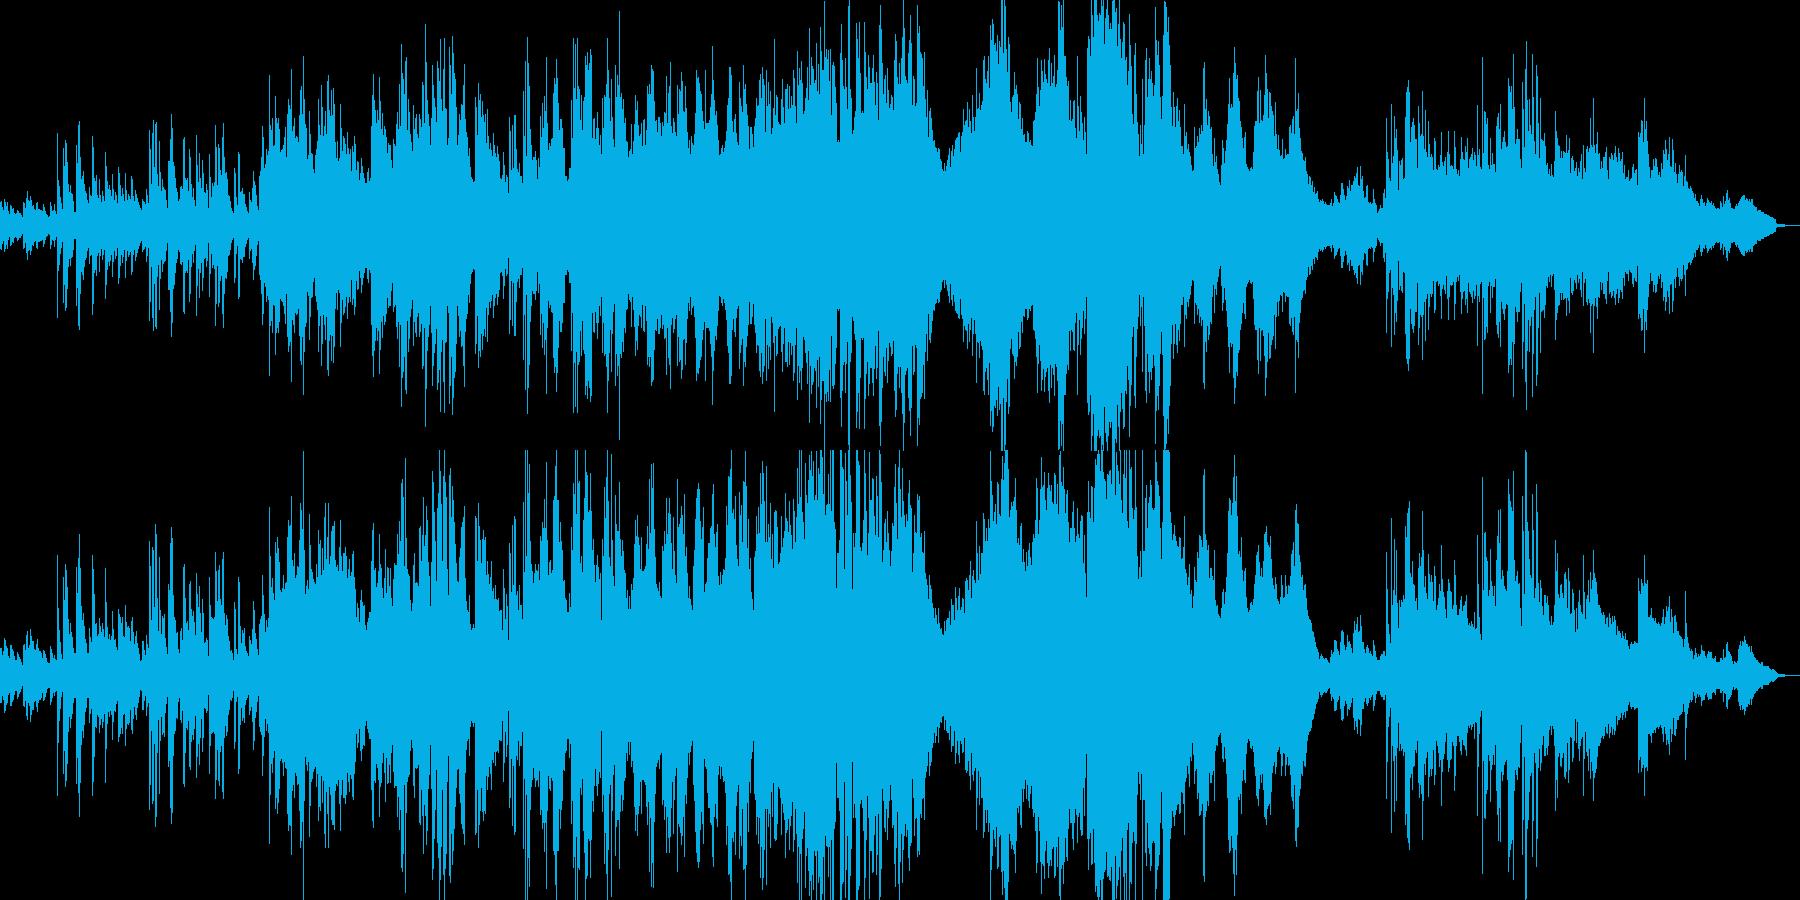 ロシア風のクラシカルなピアノ曲の再生済みの波形